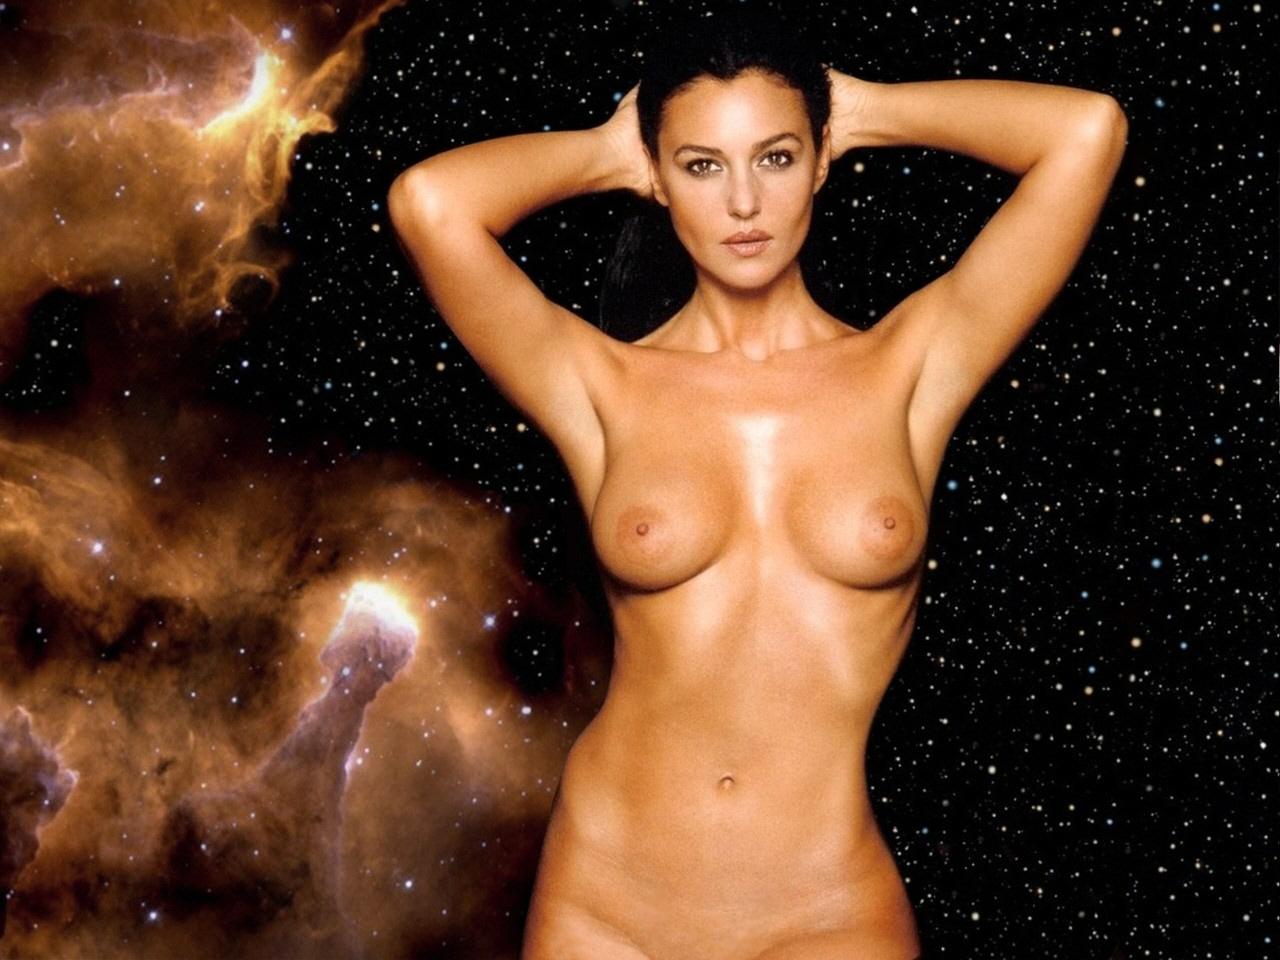 Эрофото зарубежных актрис, Порно фото со знаменитостями, зарубежные звезды 12 фотография